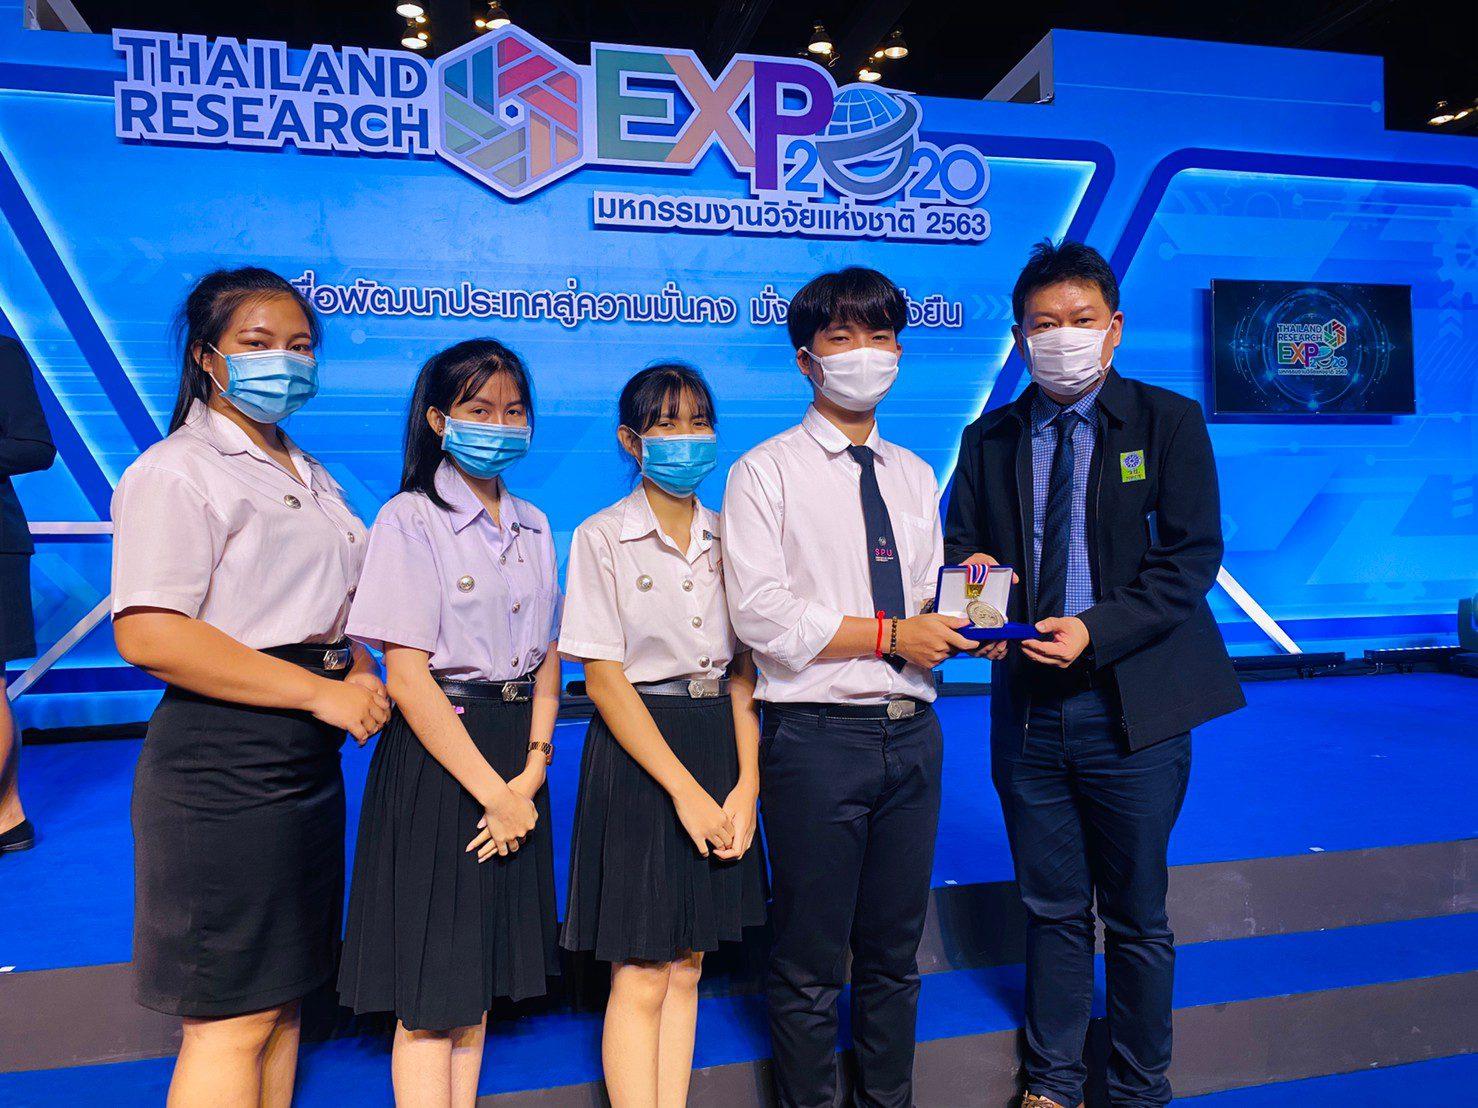 มหาวิทยาลัยศรีปทุม ชลบุรี คว้ารางวัลเหรียญเงิน  การประกวดผลงานนวัตกรรมสายอุดมศึกษา งานมหกรรมงานวิจัยแห่งชาติ 2563